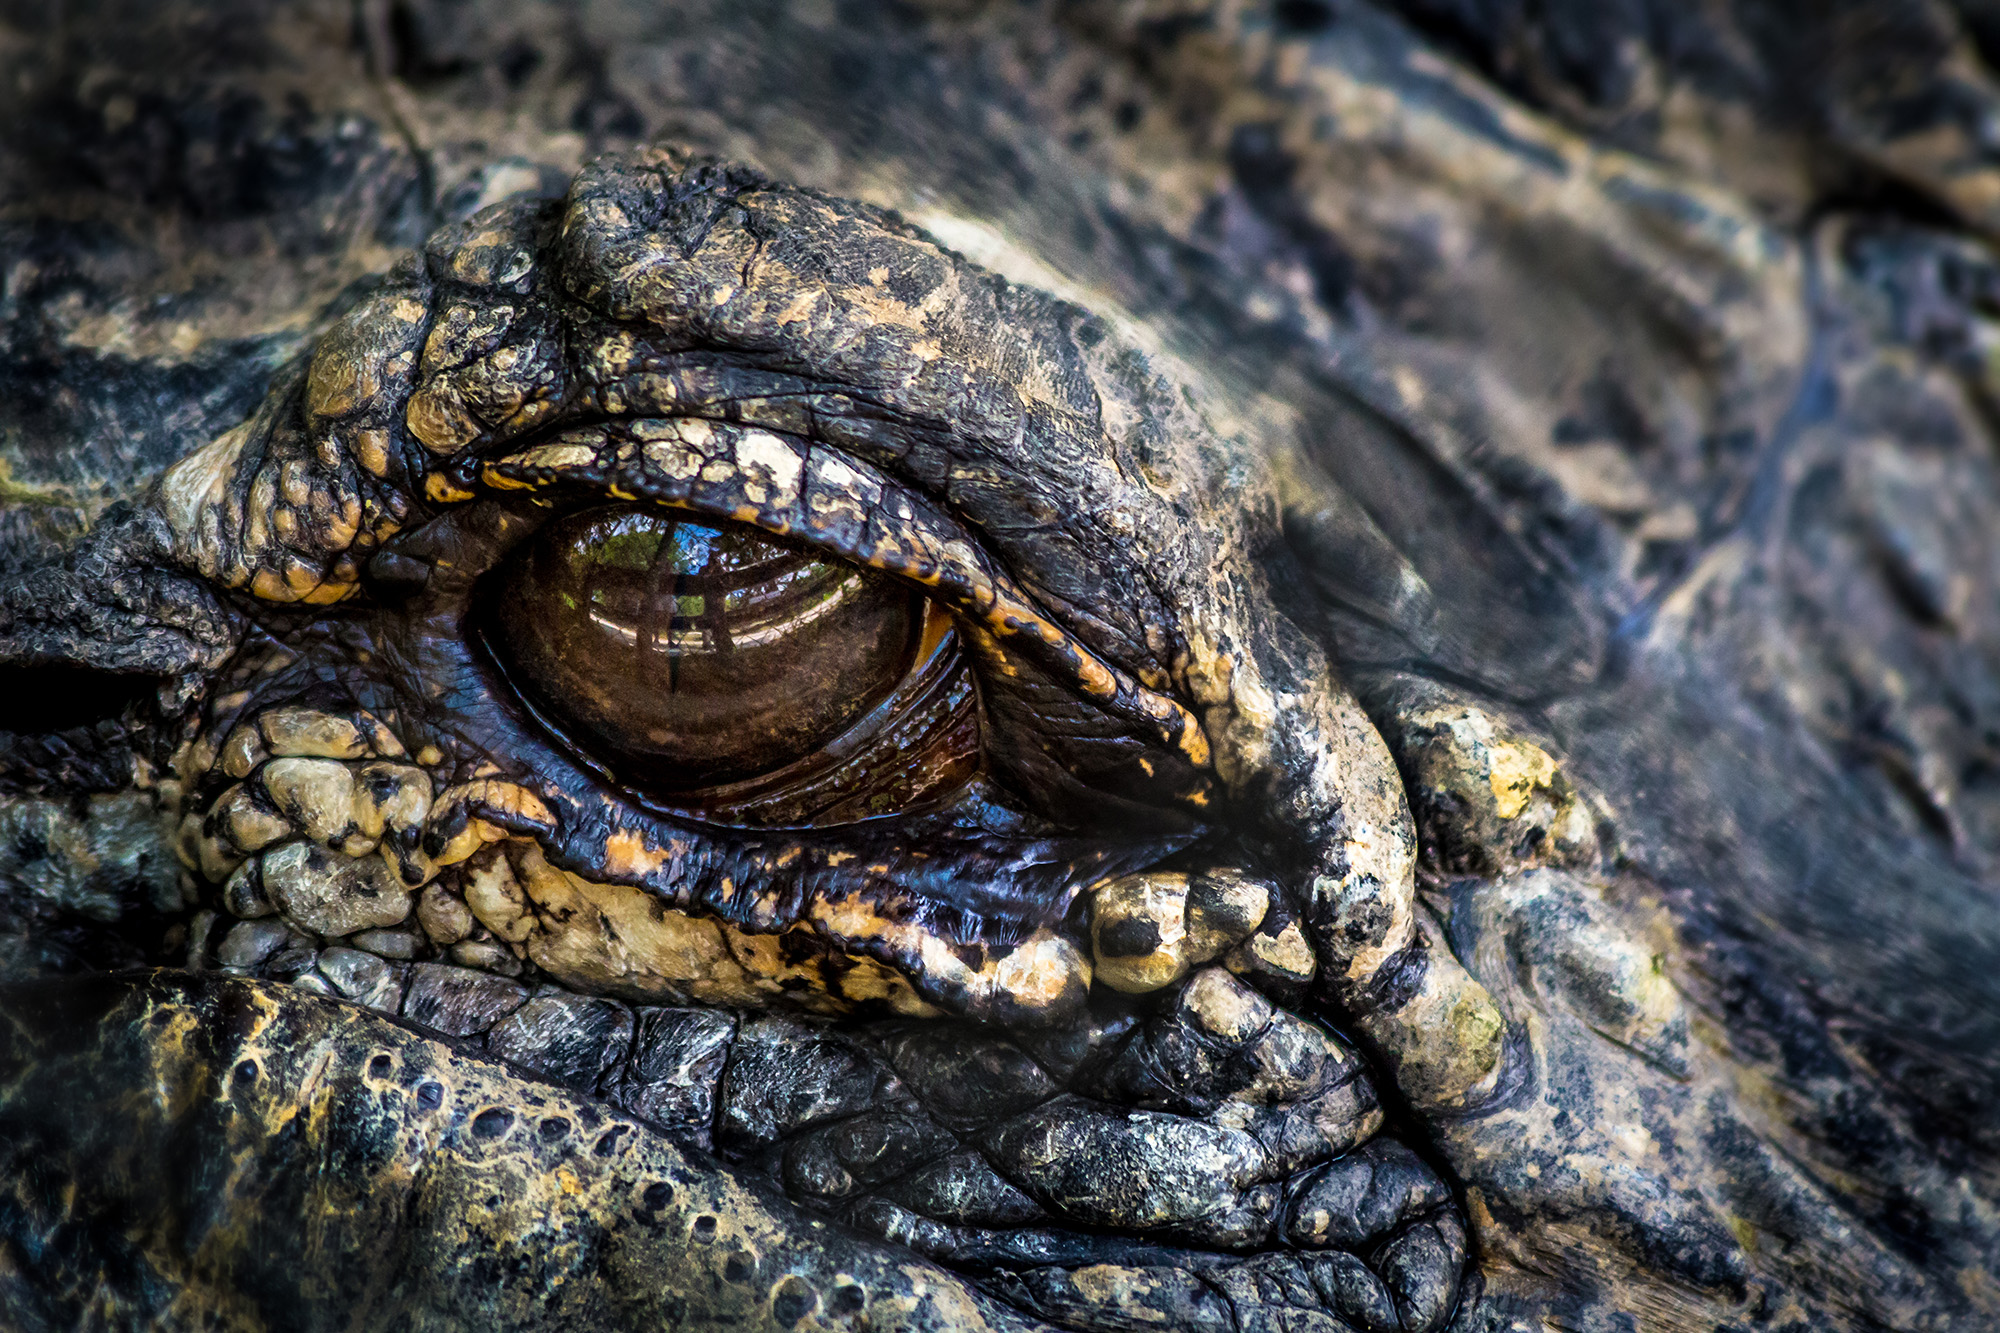 Alligator's eye